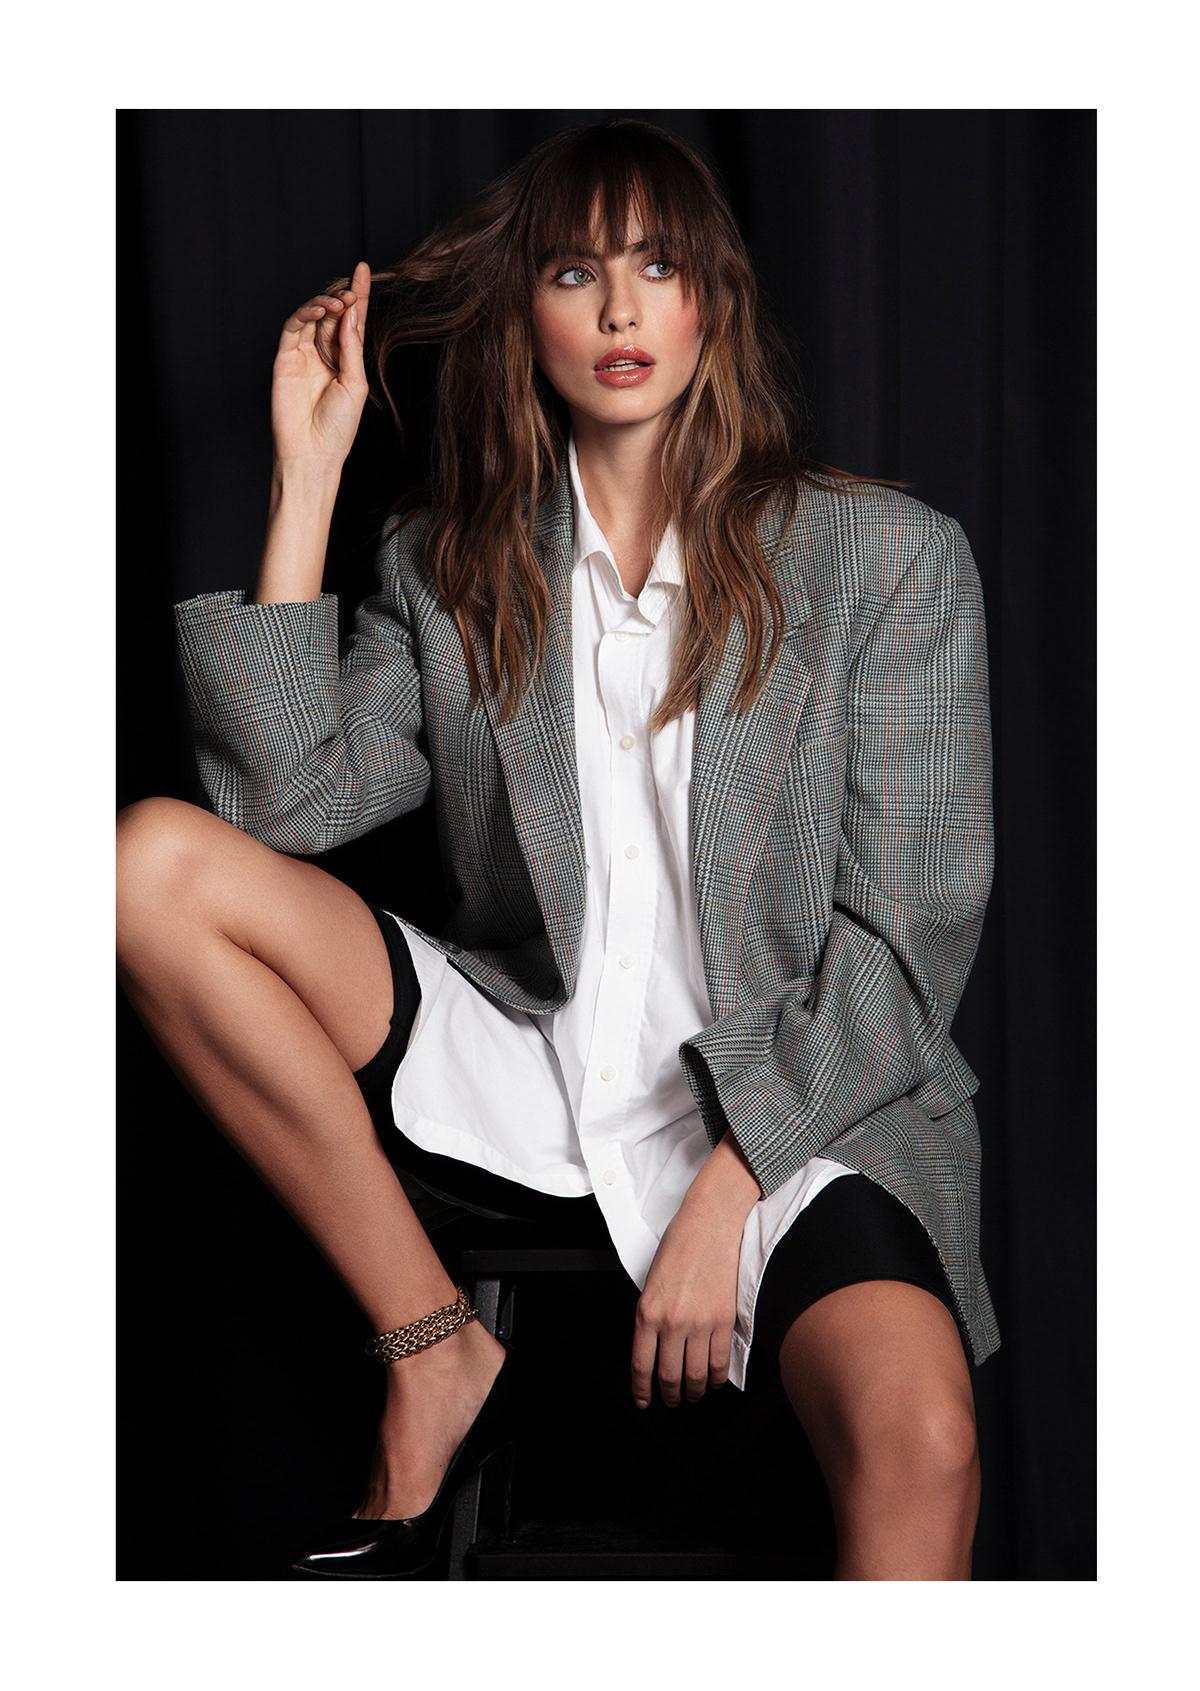 model studio julia chernih bw The Factory dubai retouch